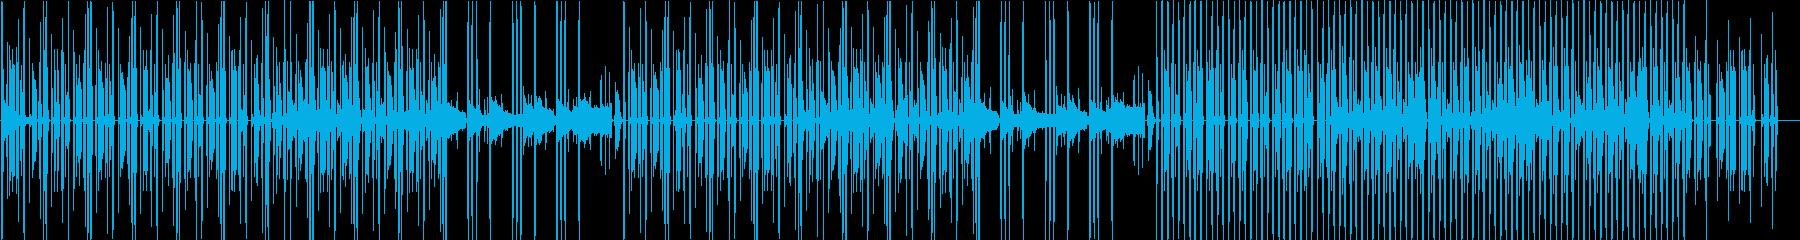 サスペンス・ドキドキ・忍び足・追跡・洋楽の再生済みの波形